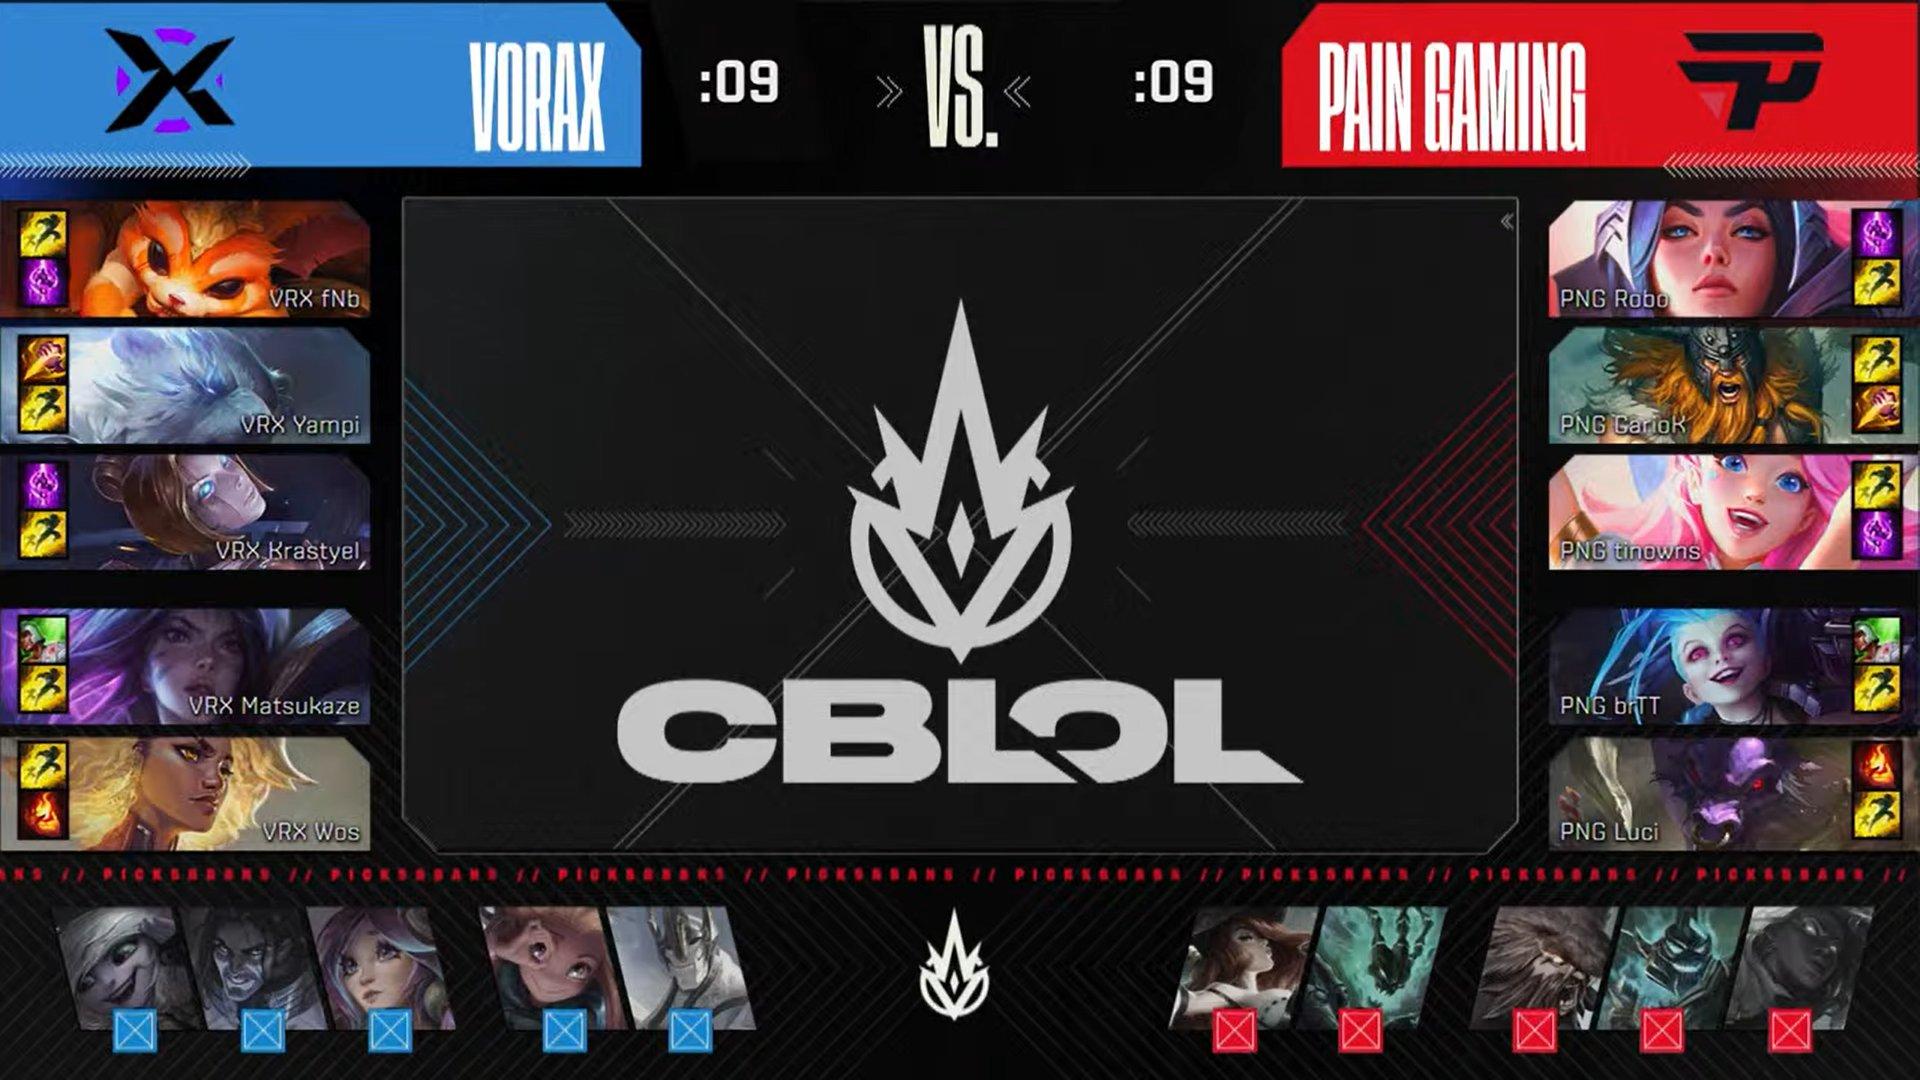 Picks e bands do jogo 3 da grande final do CBLOL 2021.